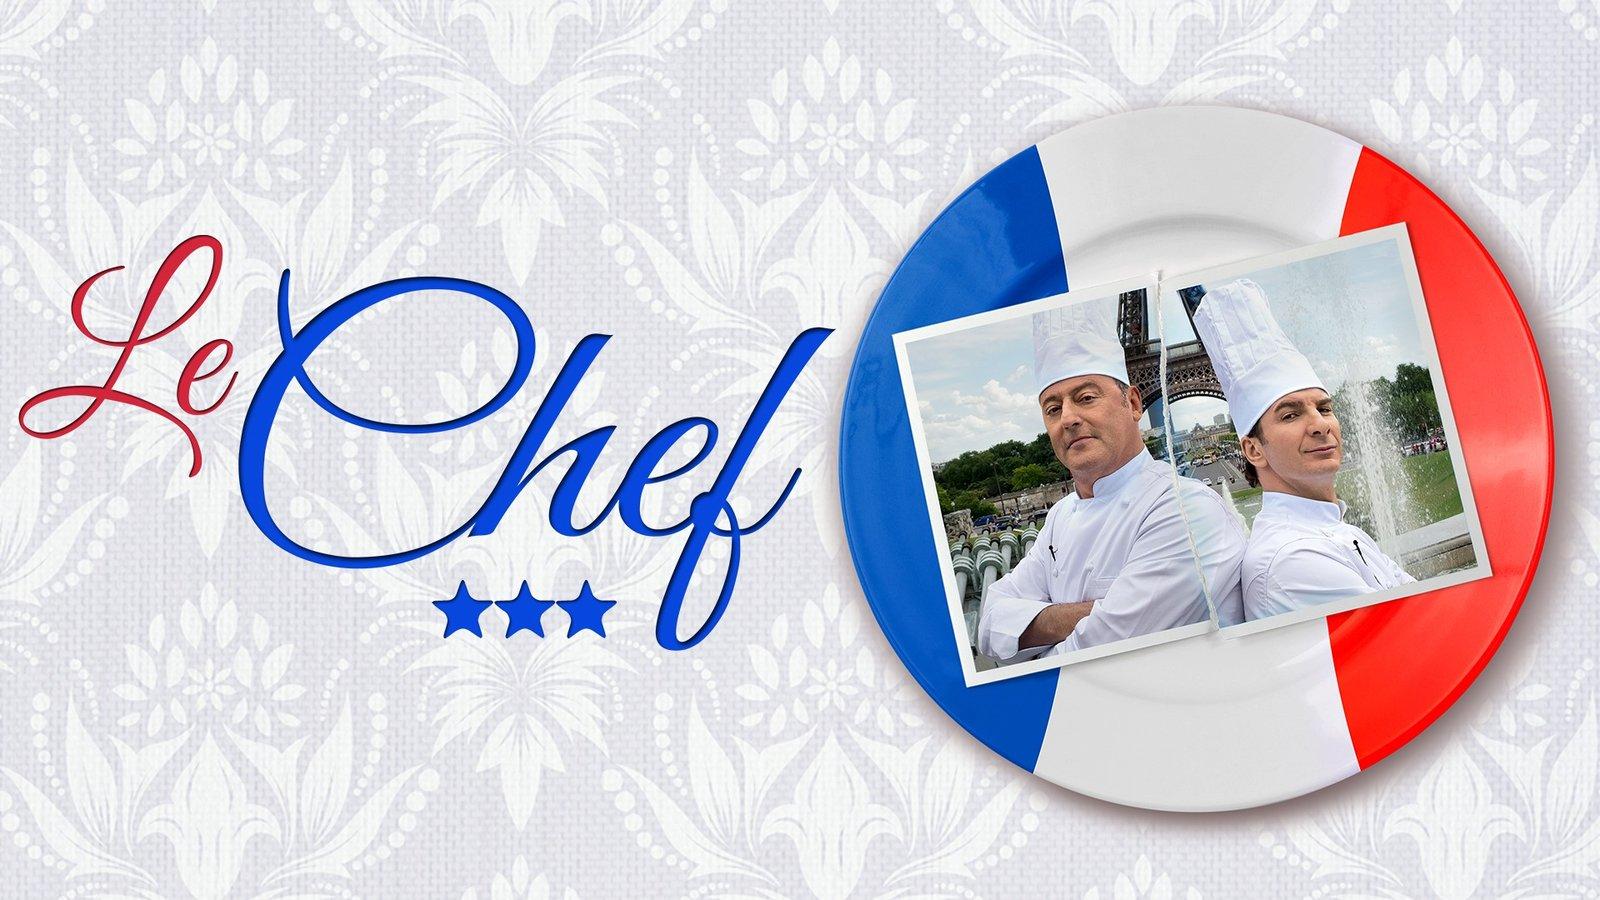 Le Chef - Comme un chef